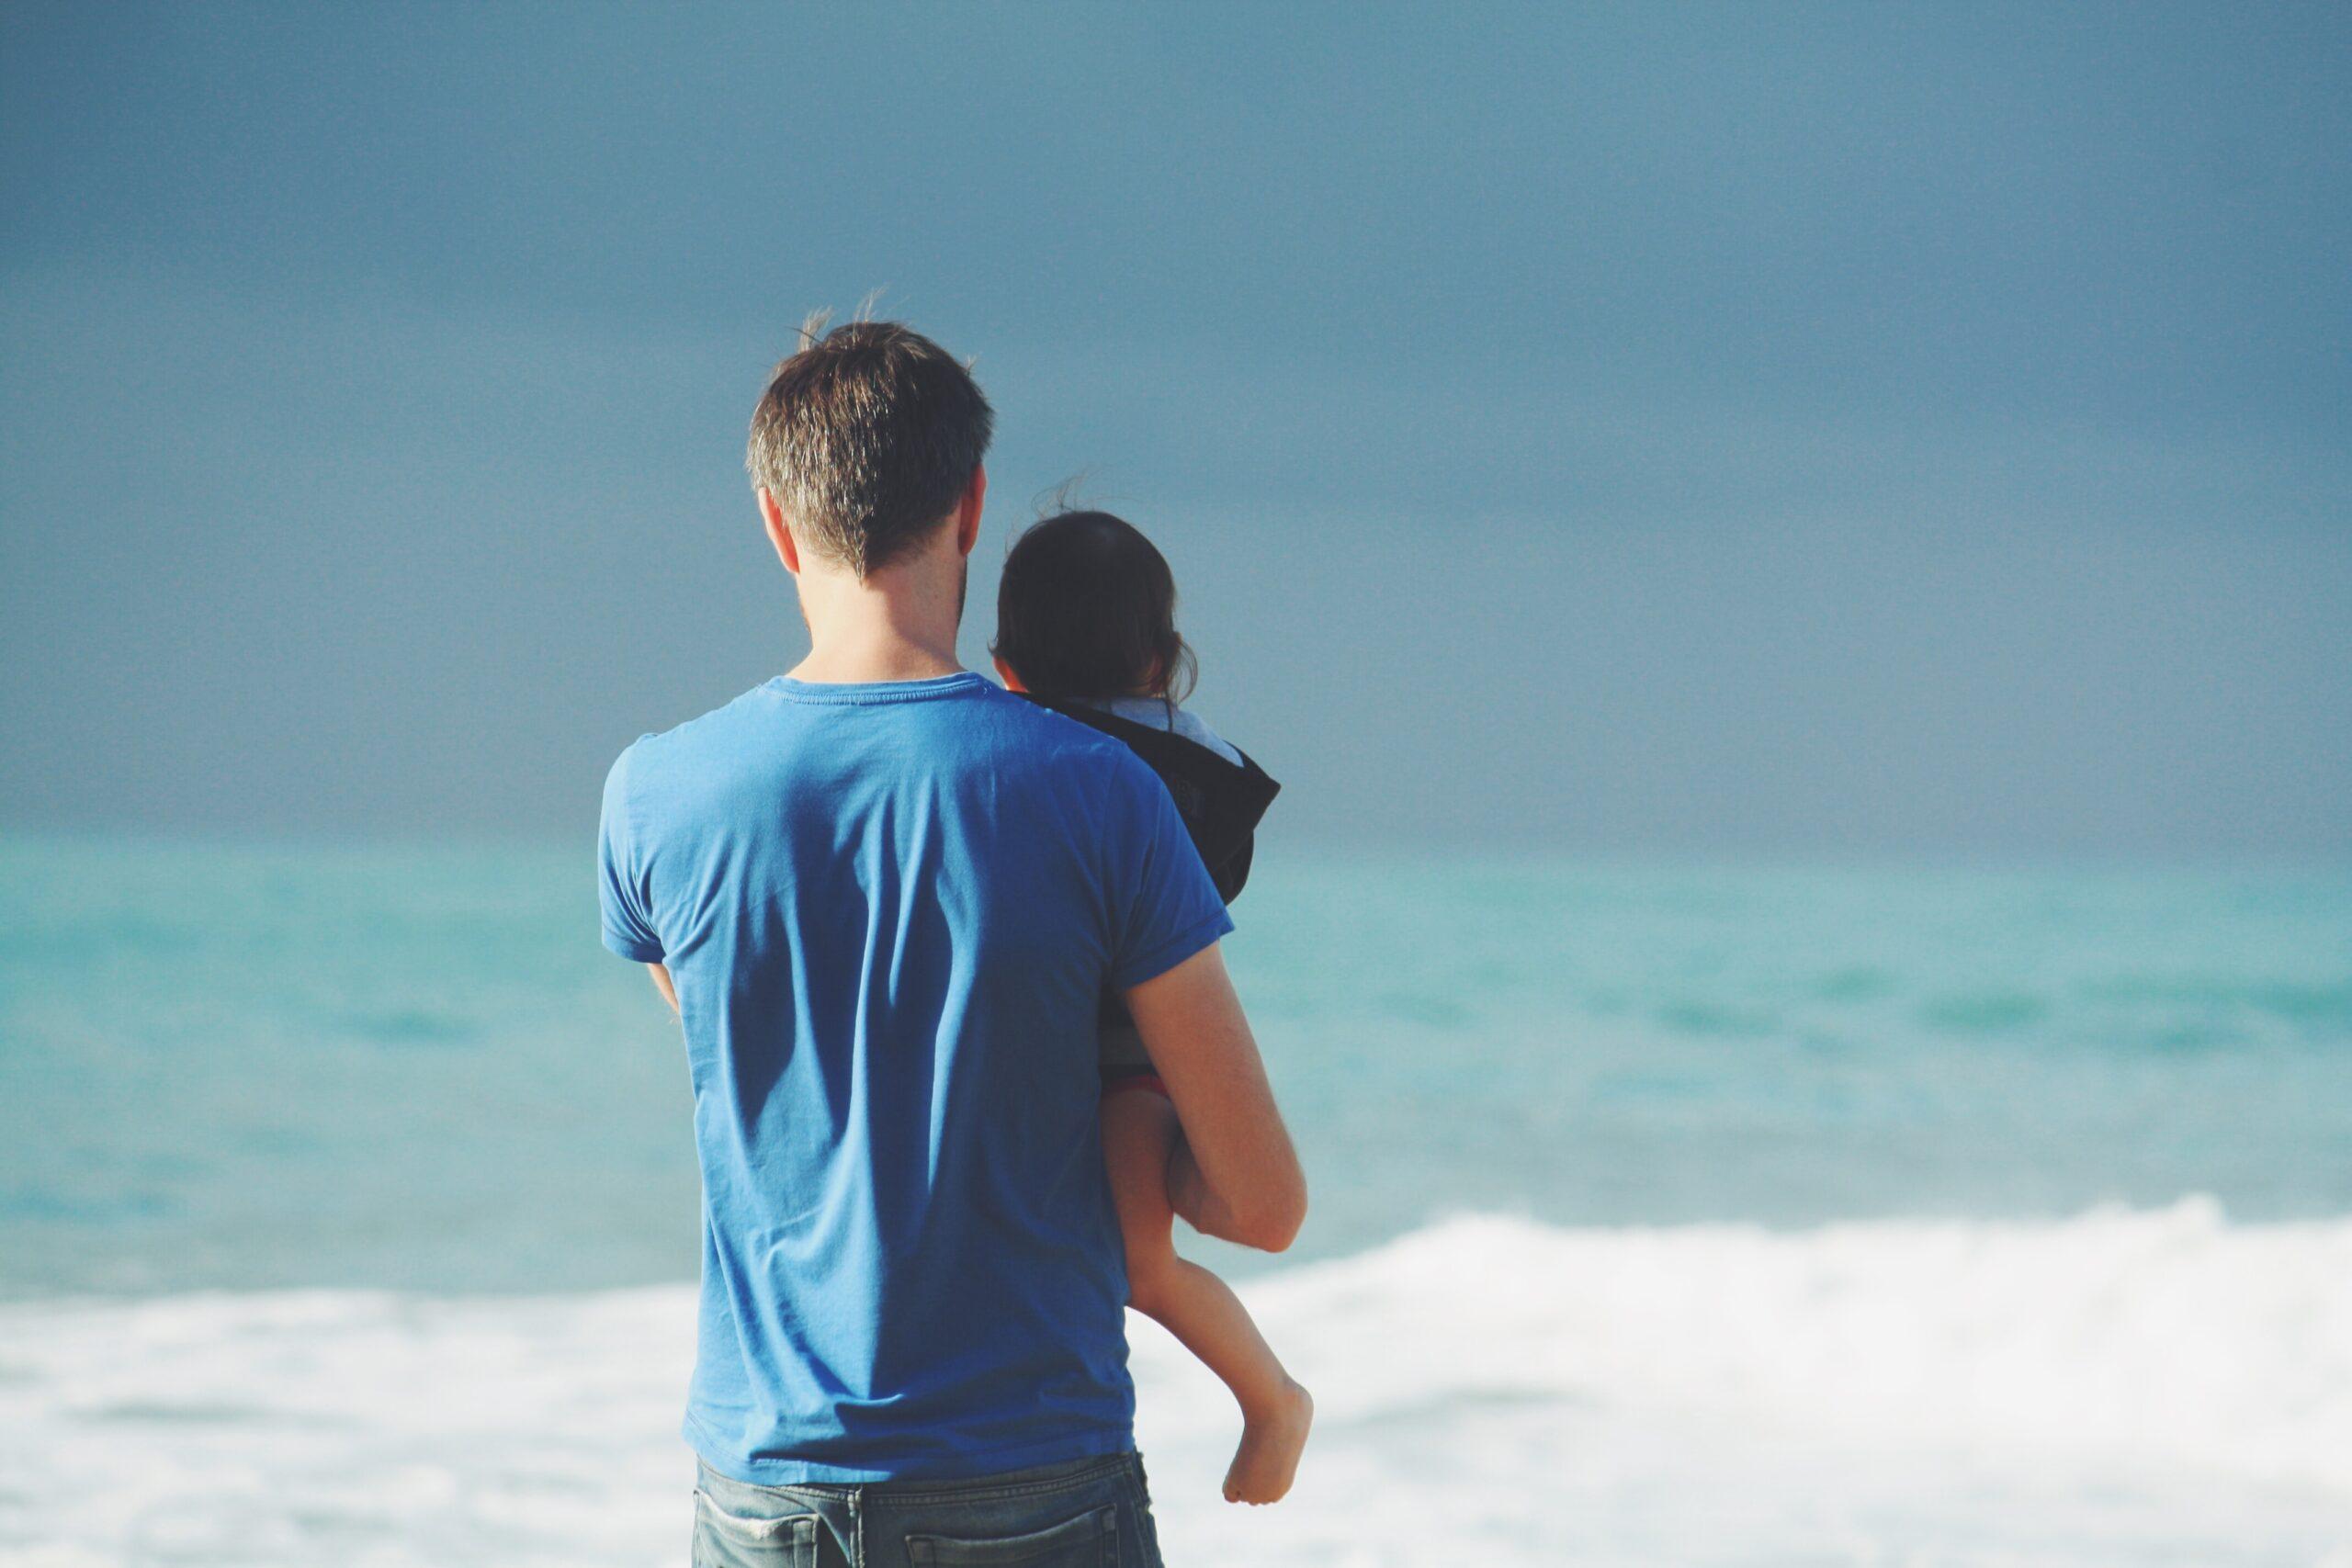 男性の育児休業はメリットはだらけ!育休教員の体験談   育休先生ブログをはじめる